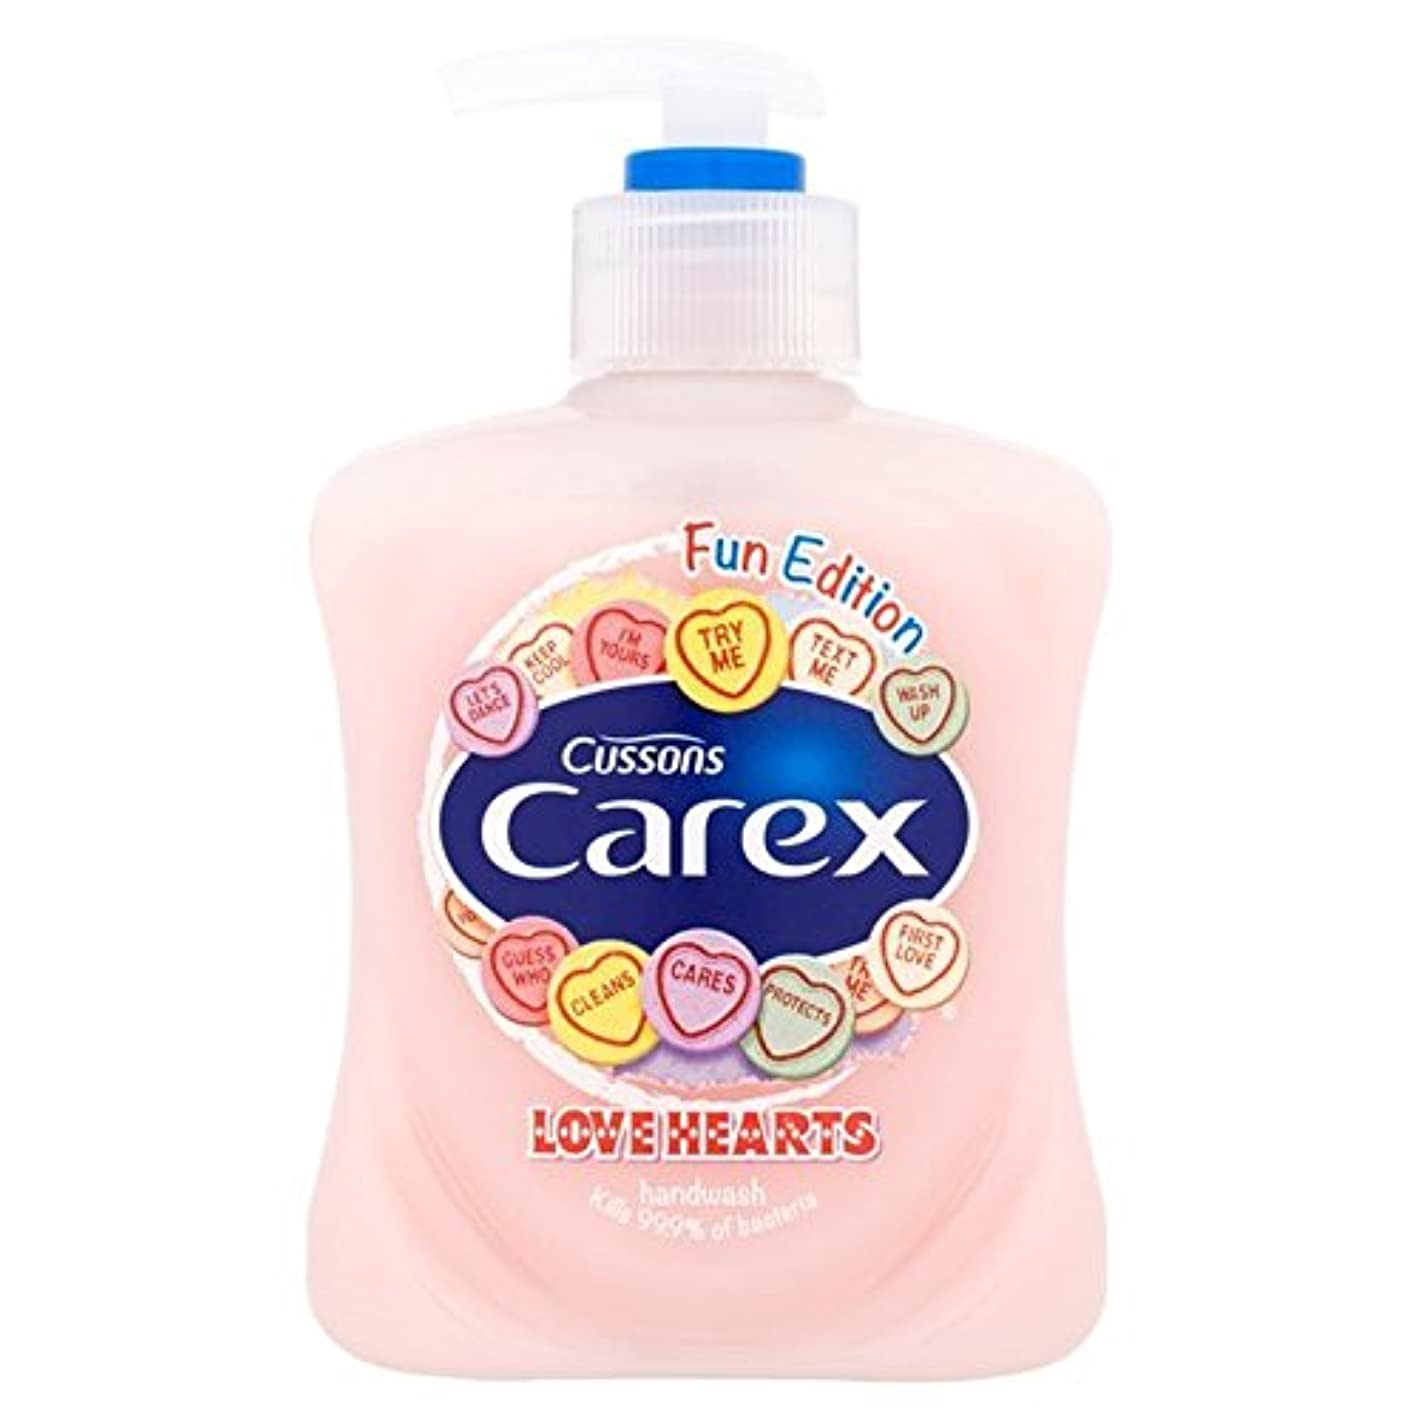 エキス裁判所女将Carex Fun Edition Love Hearts Hand Wash 250ml (Pack of 6) - スゲ楽しい版愛の心のハンドウォッシュ250ミリリットル x6 [並行輸入品]